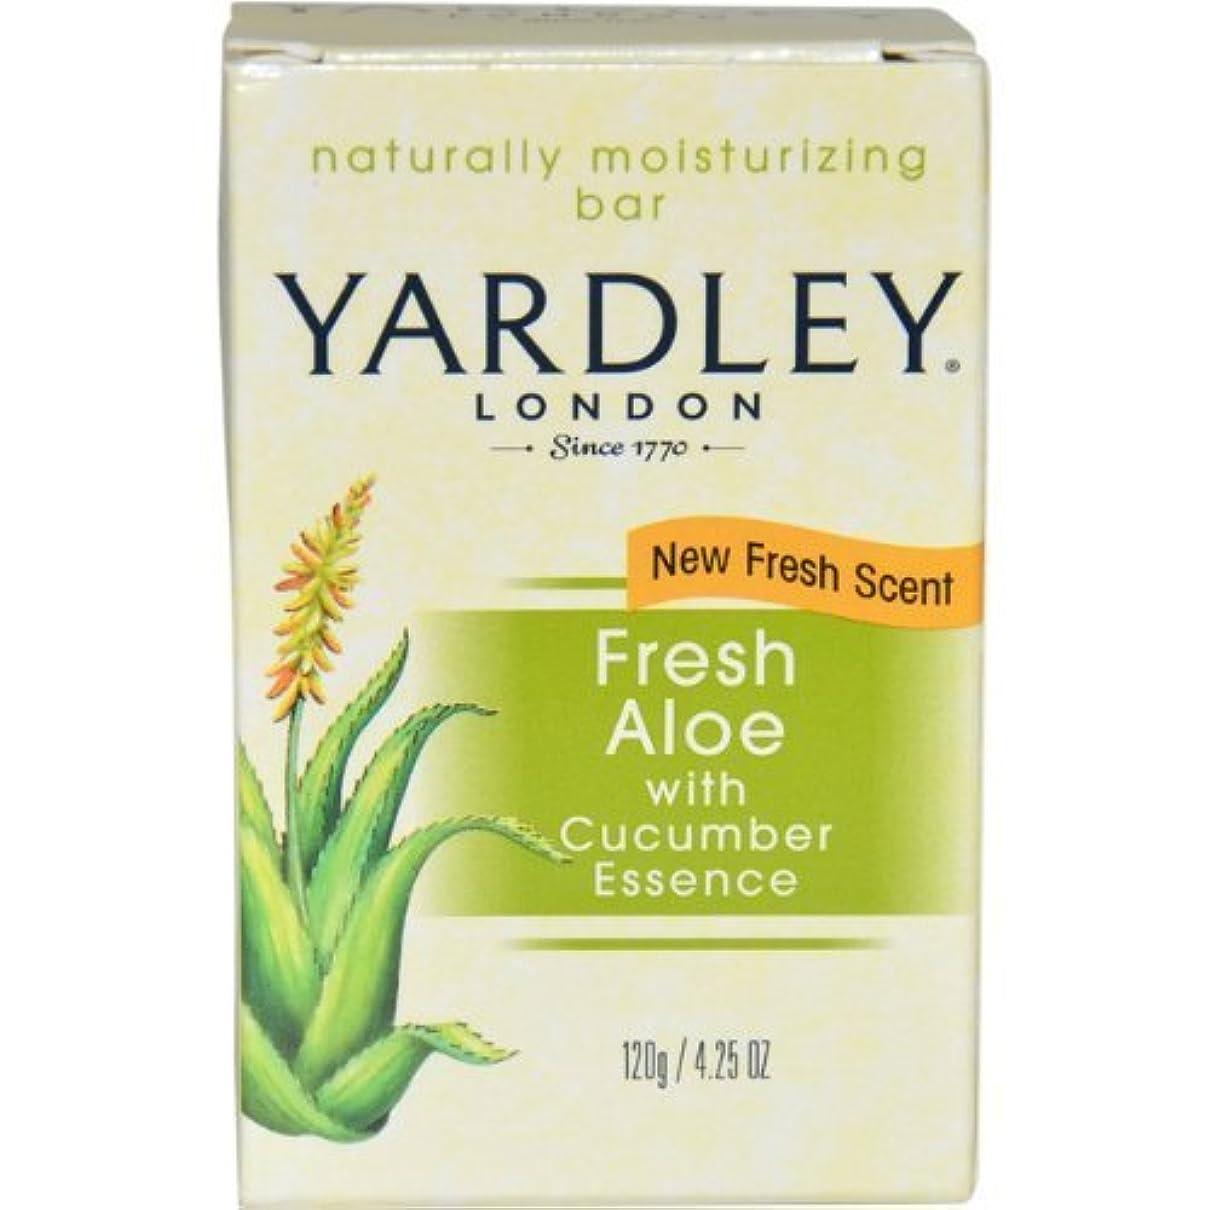 目指す繁殖キャリッジFresh Aloe with Cucumber Essence Bar Soap Soap Unisex by Yardley, 4.25 Ounce (Packaging May Vary) by Yardley [...